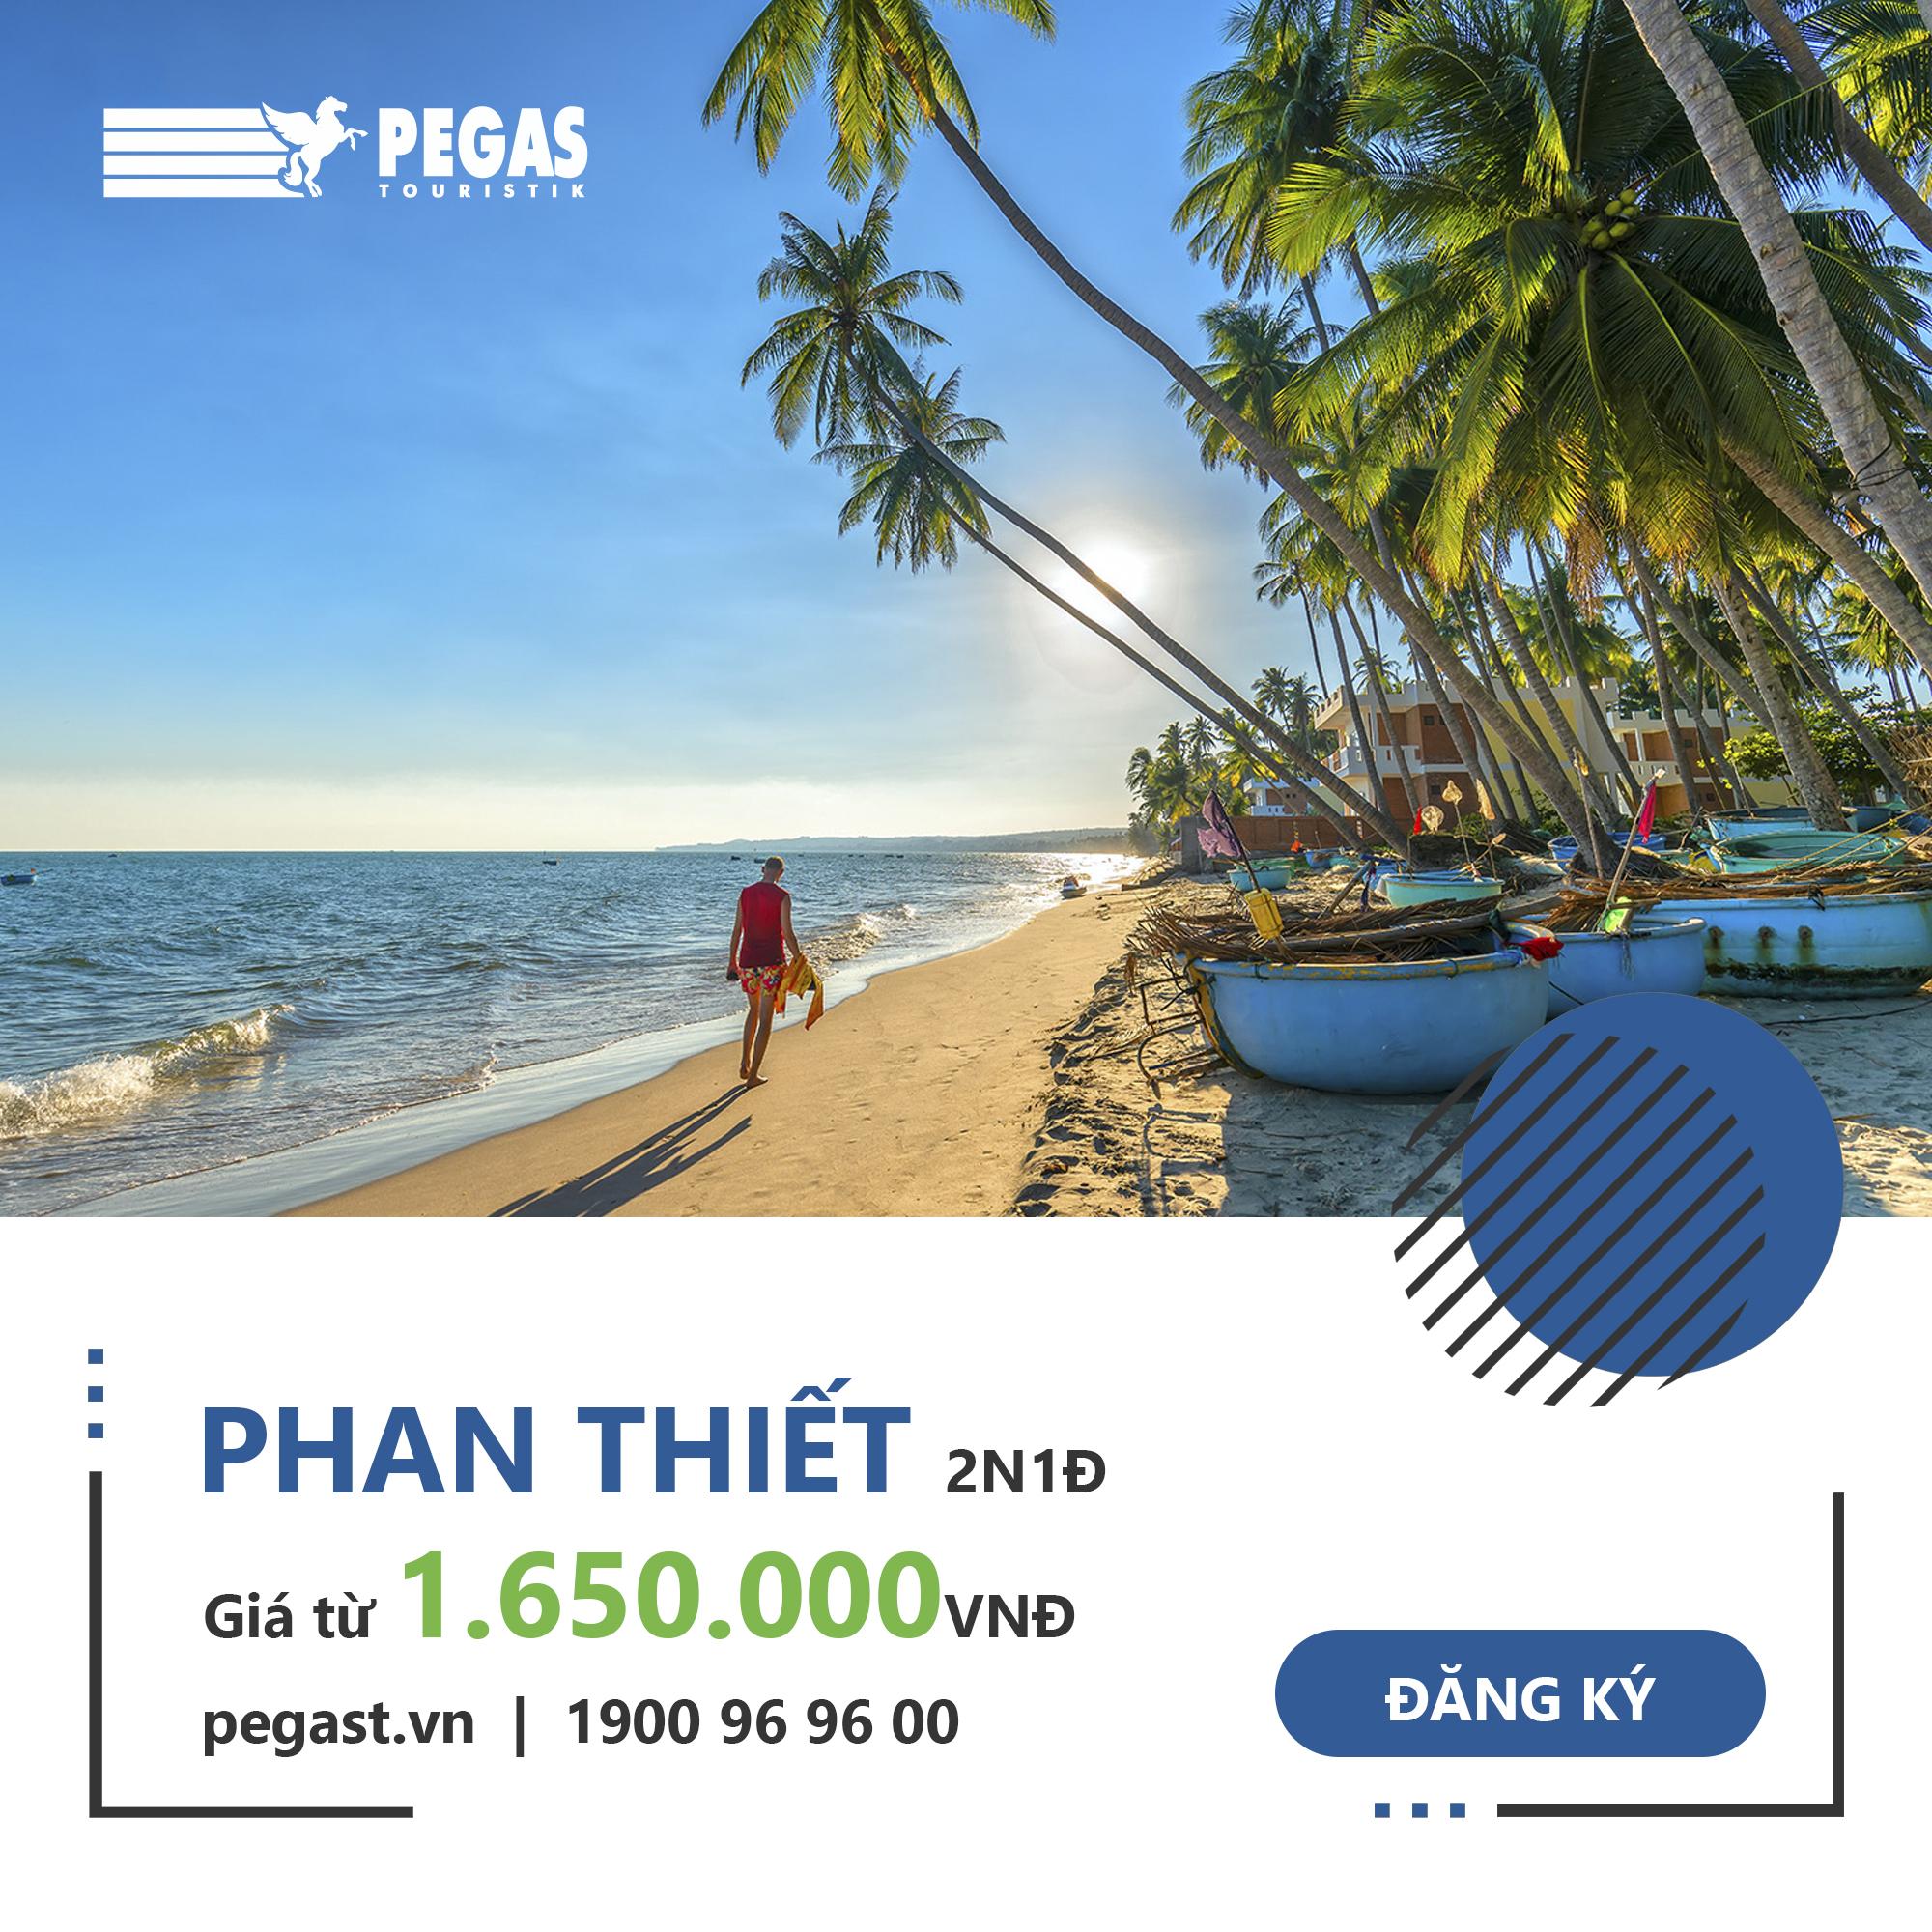 Phan Thiết - Mũi Né 2N1Đ